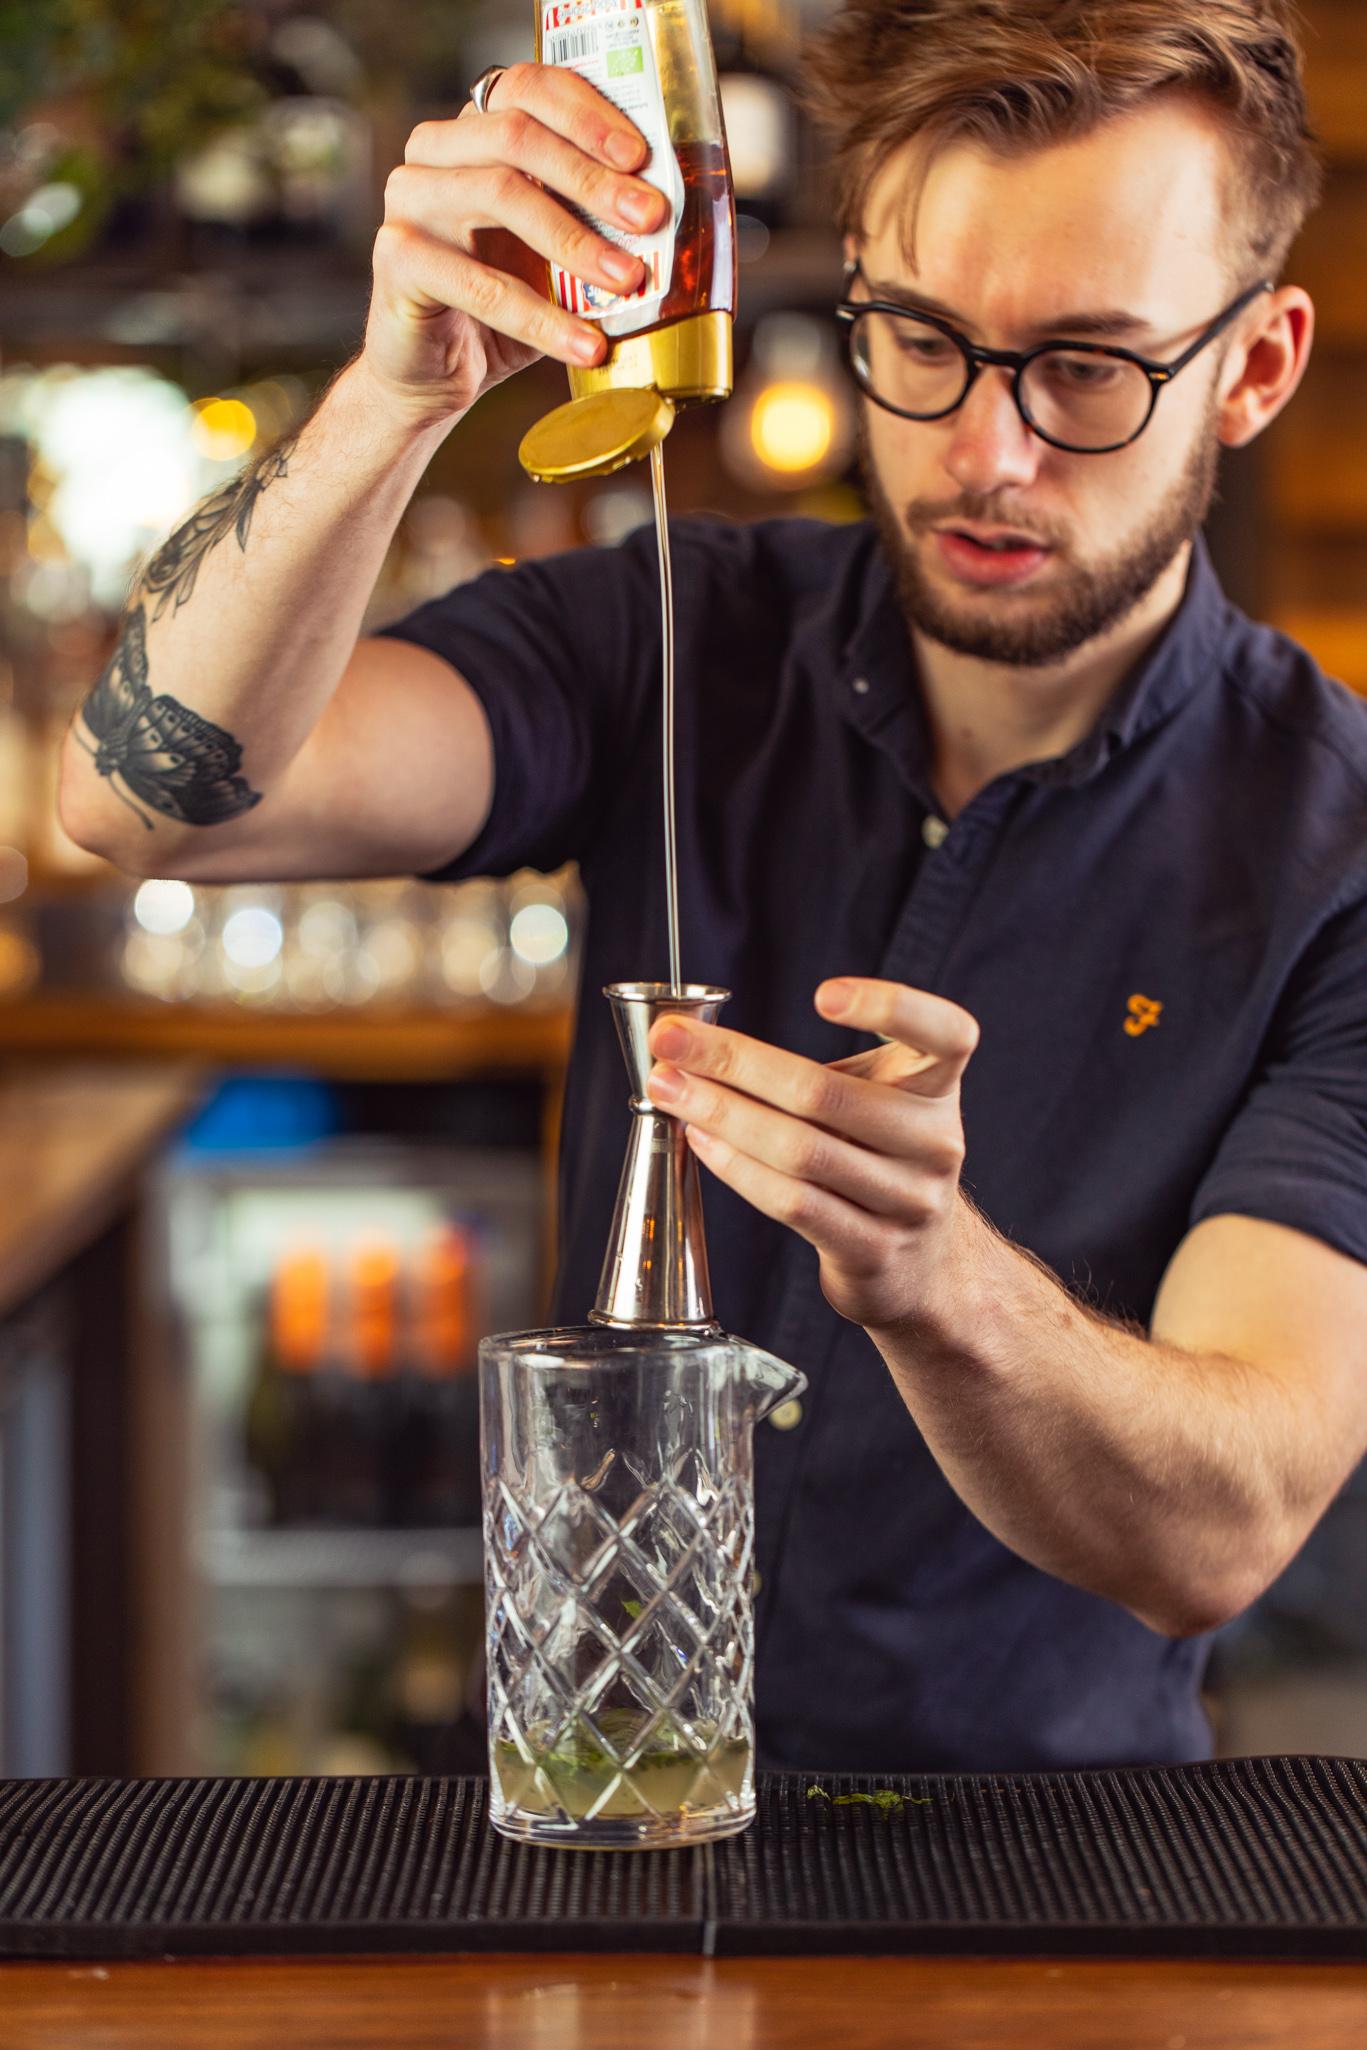 Bespoke cocktails made